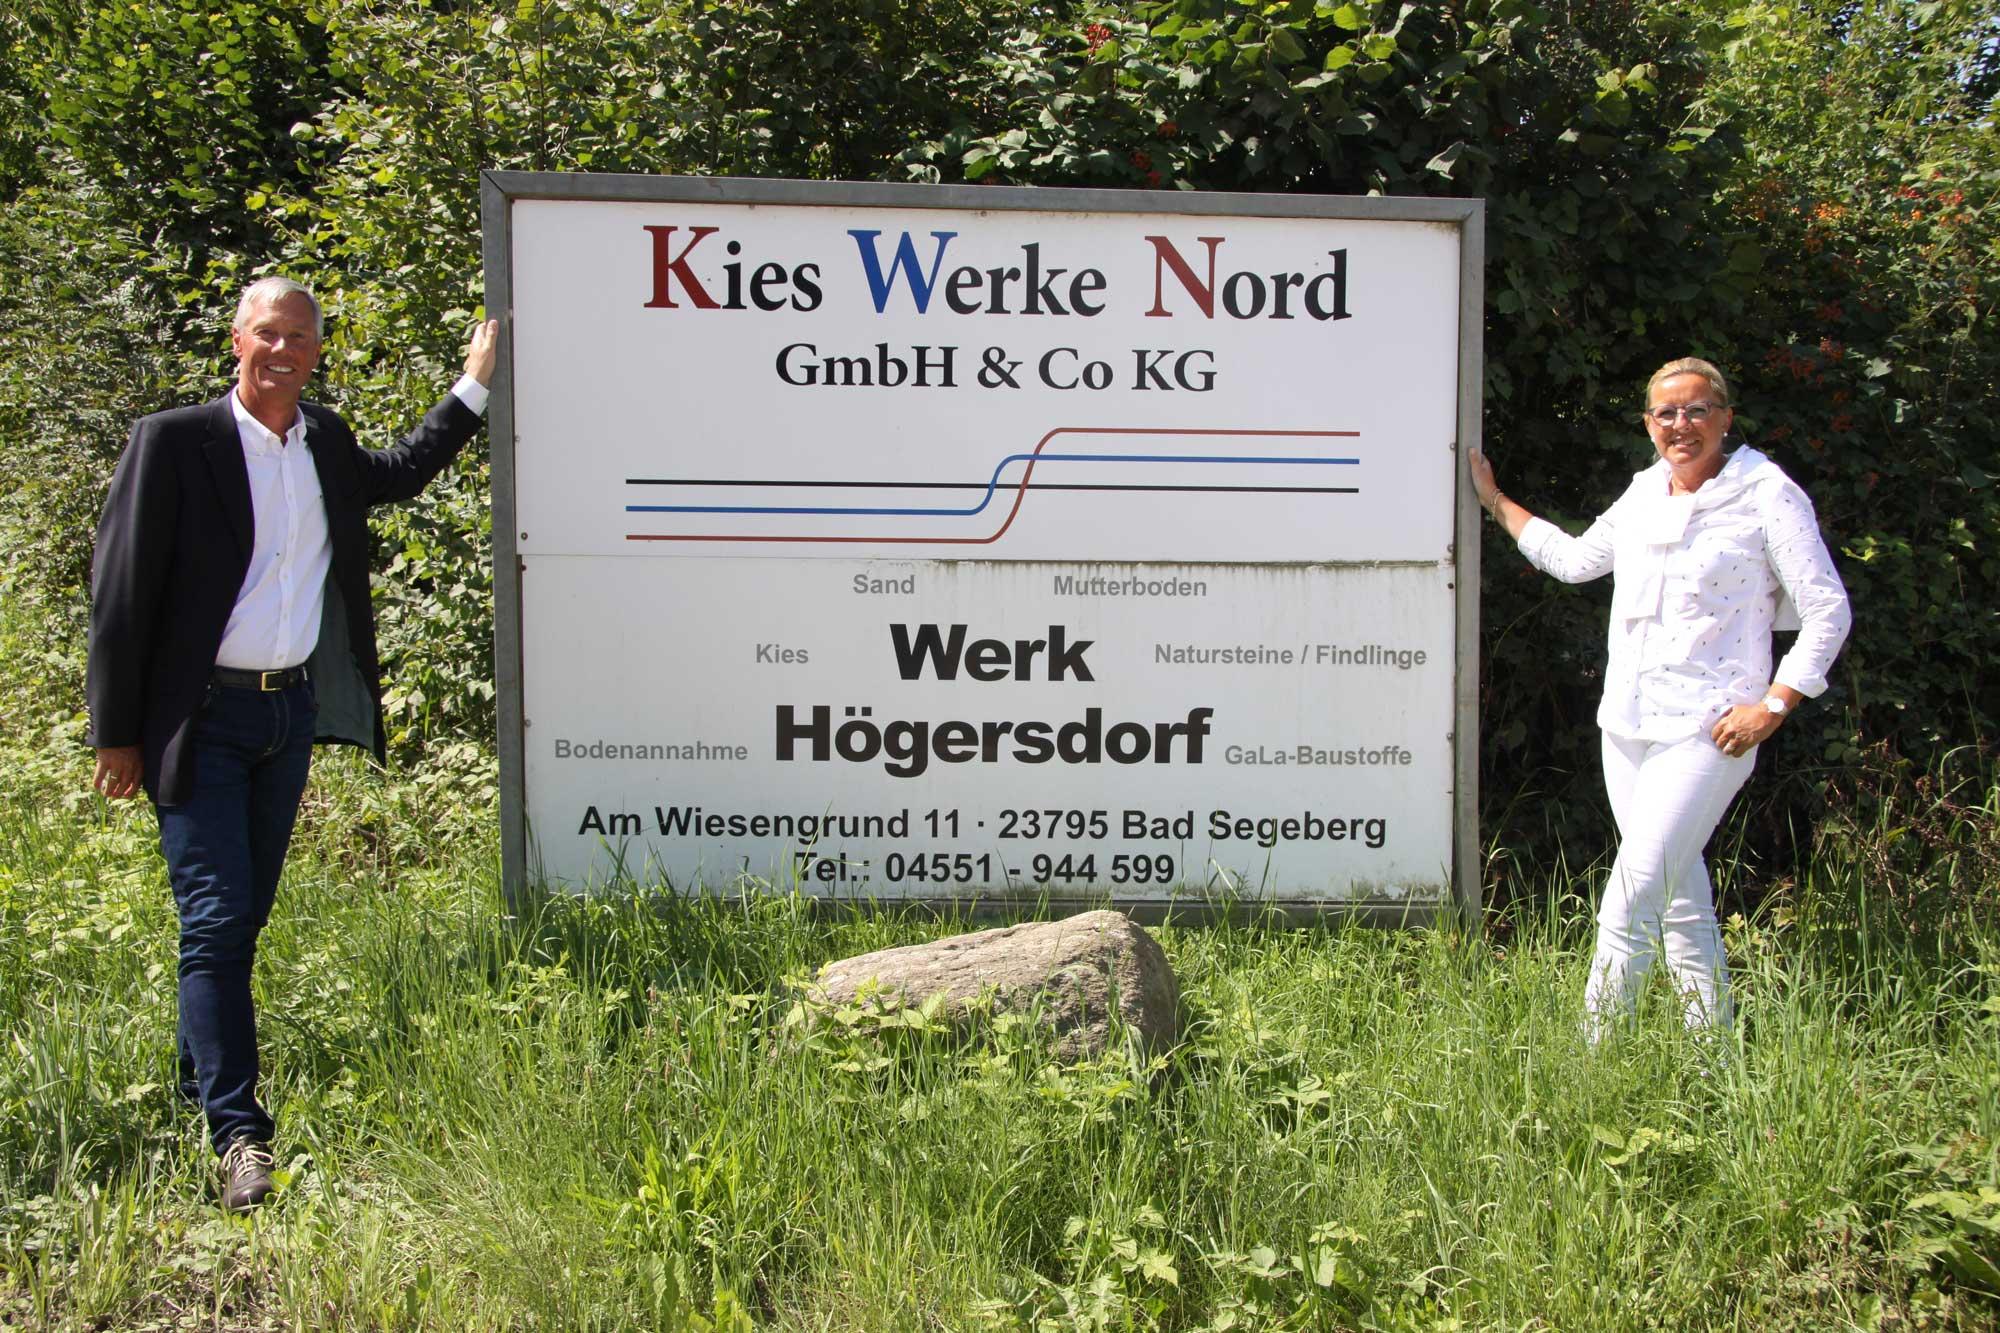 Firmeninhaber Torsten Ahlert und seine Frau Claudia stellten auf den Nassabbau um, damit sie die Lagerstätte auf sieben Hektar Fläche weiter erschließen können. Fotos: Zeppelin